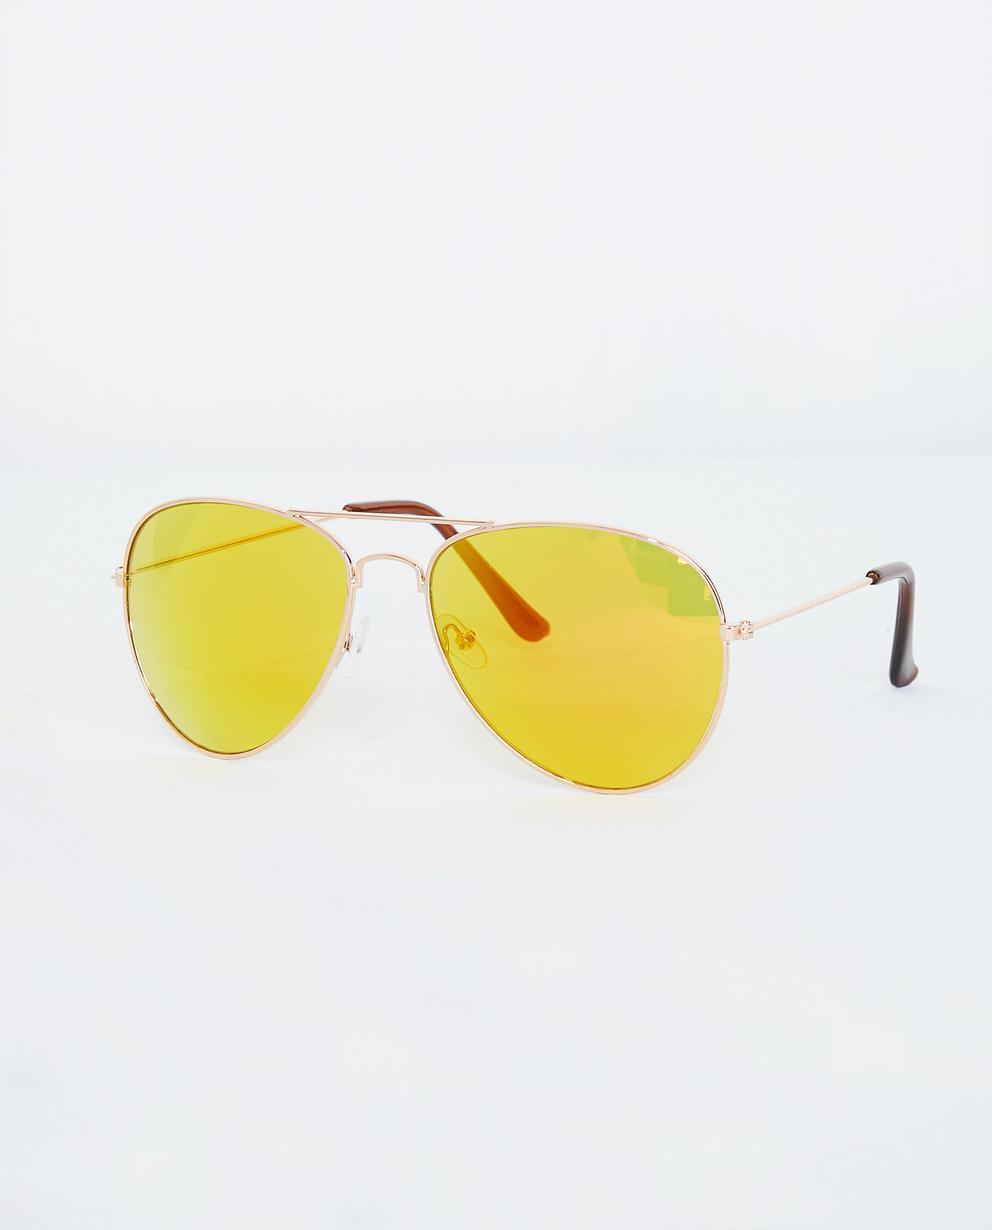 Lunettes aviateur avec des verres miroir jaunes JBC   JBC Belgique a6988a82c9db